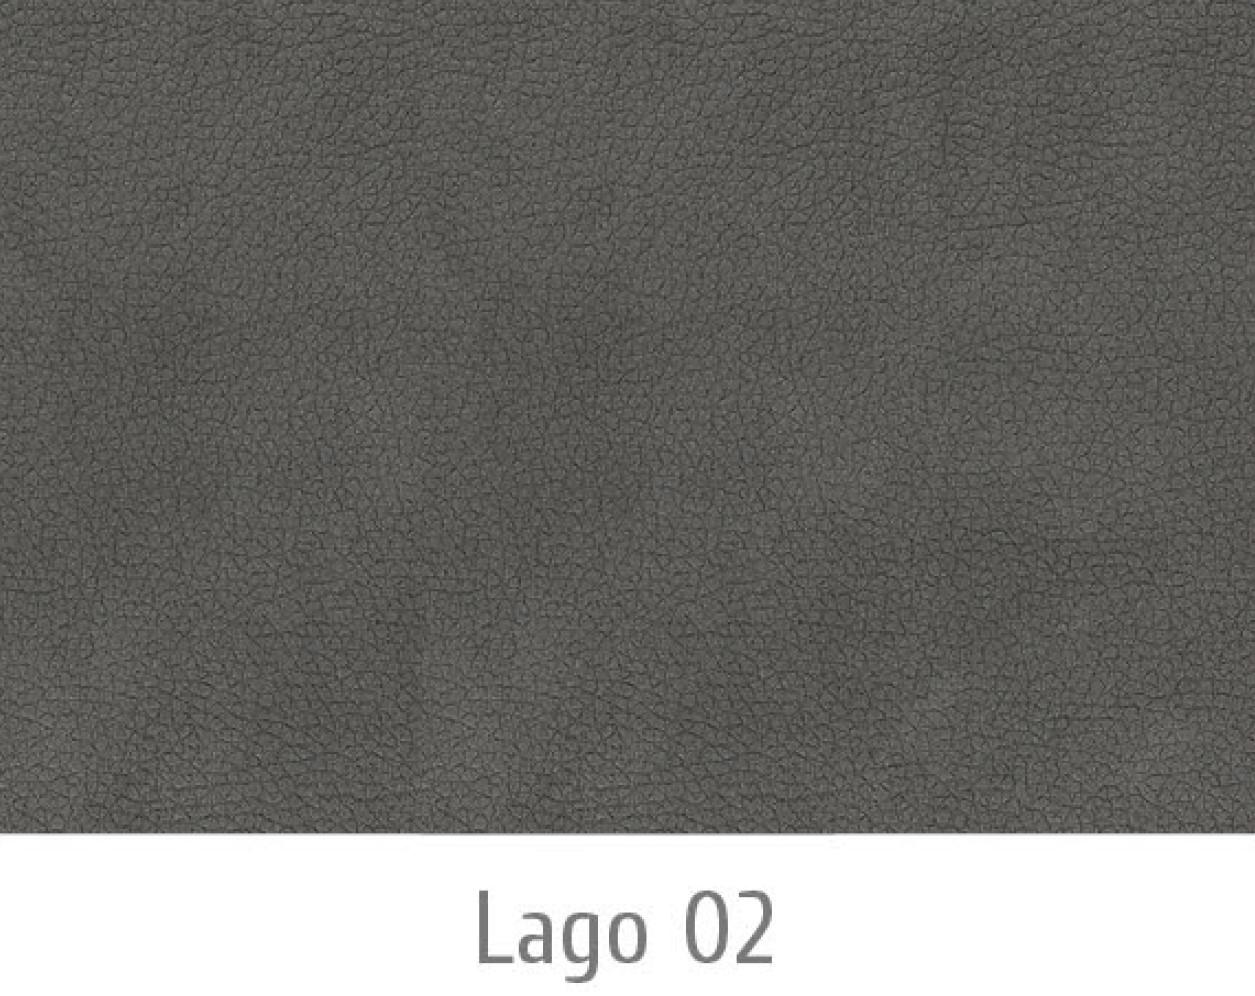 Lago02